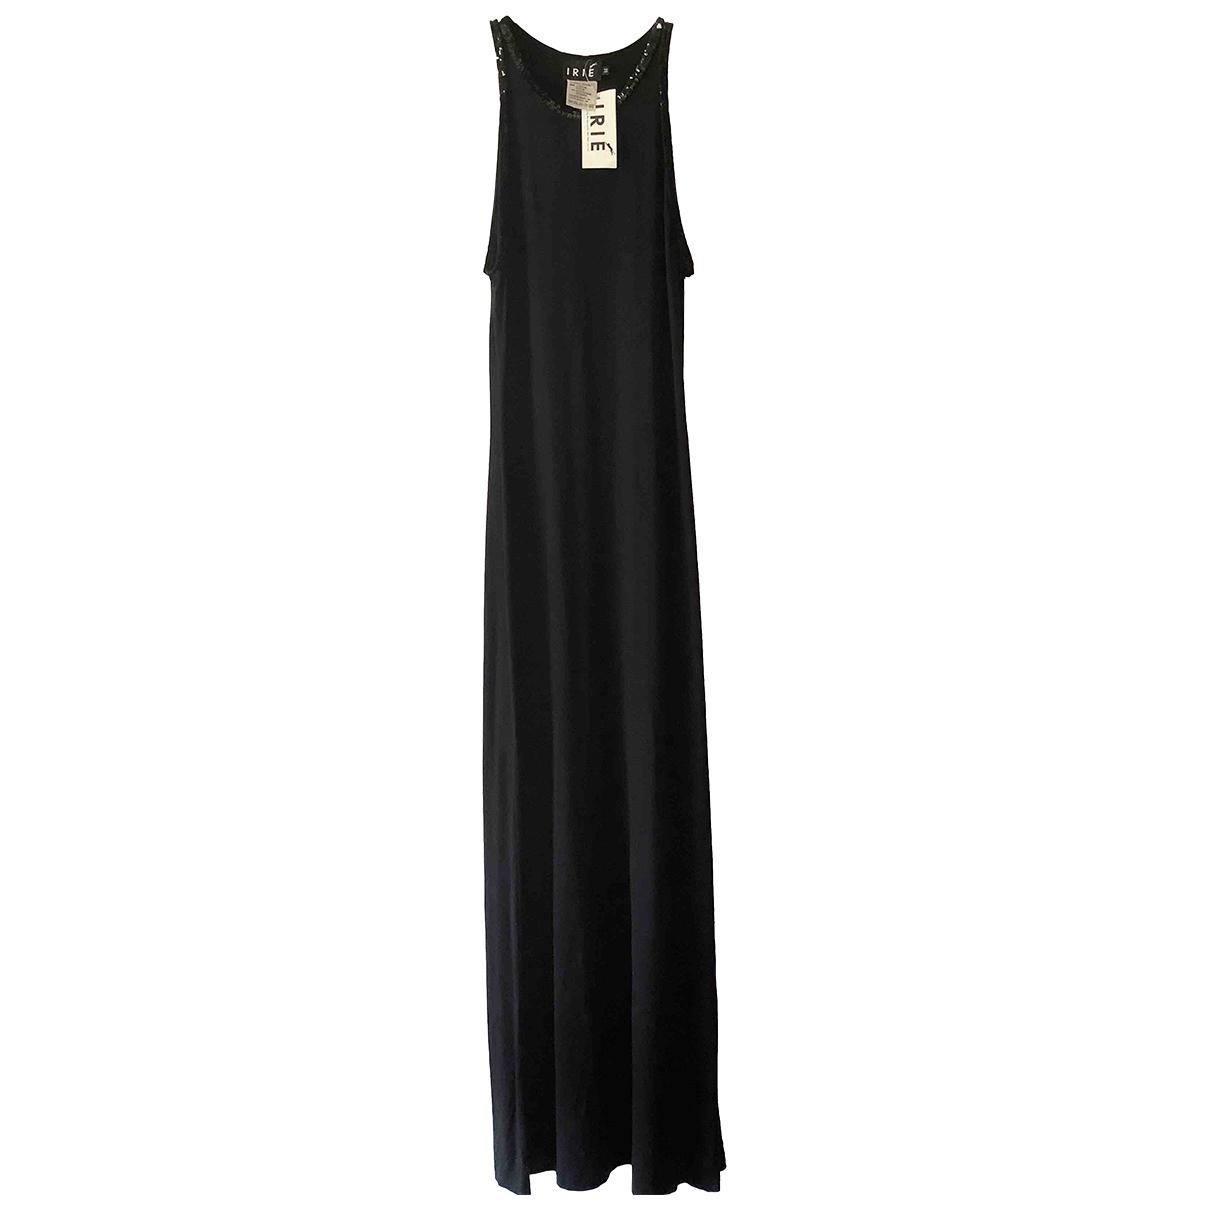 Irie \N Kleid in  Schwarz Viskose